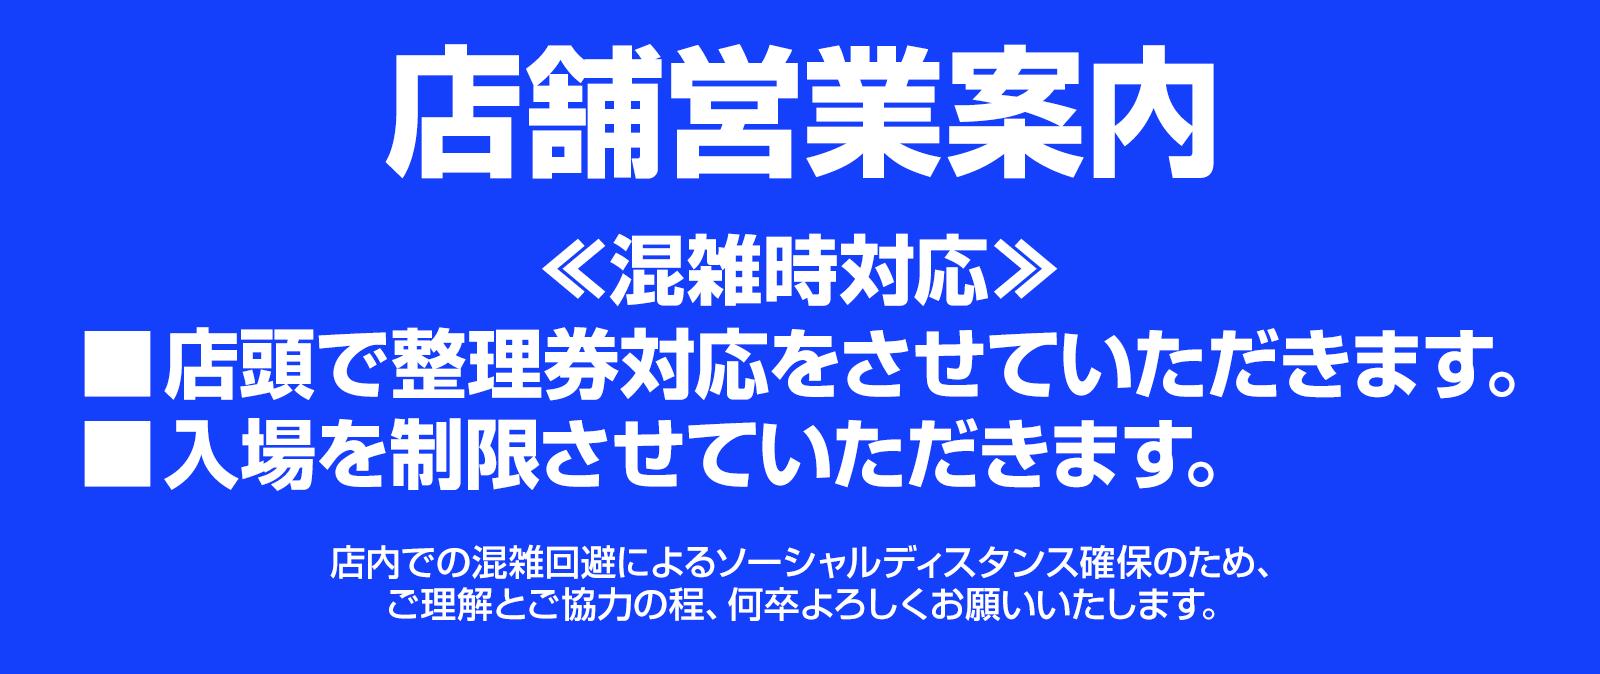 0618更新 営業案内